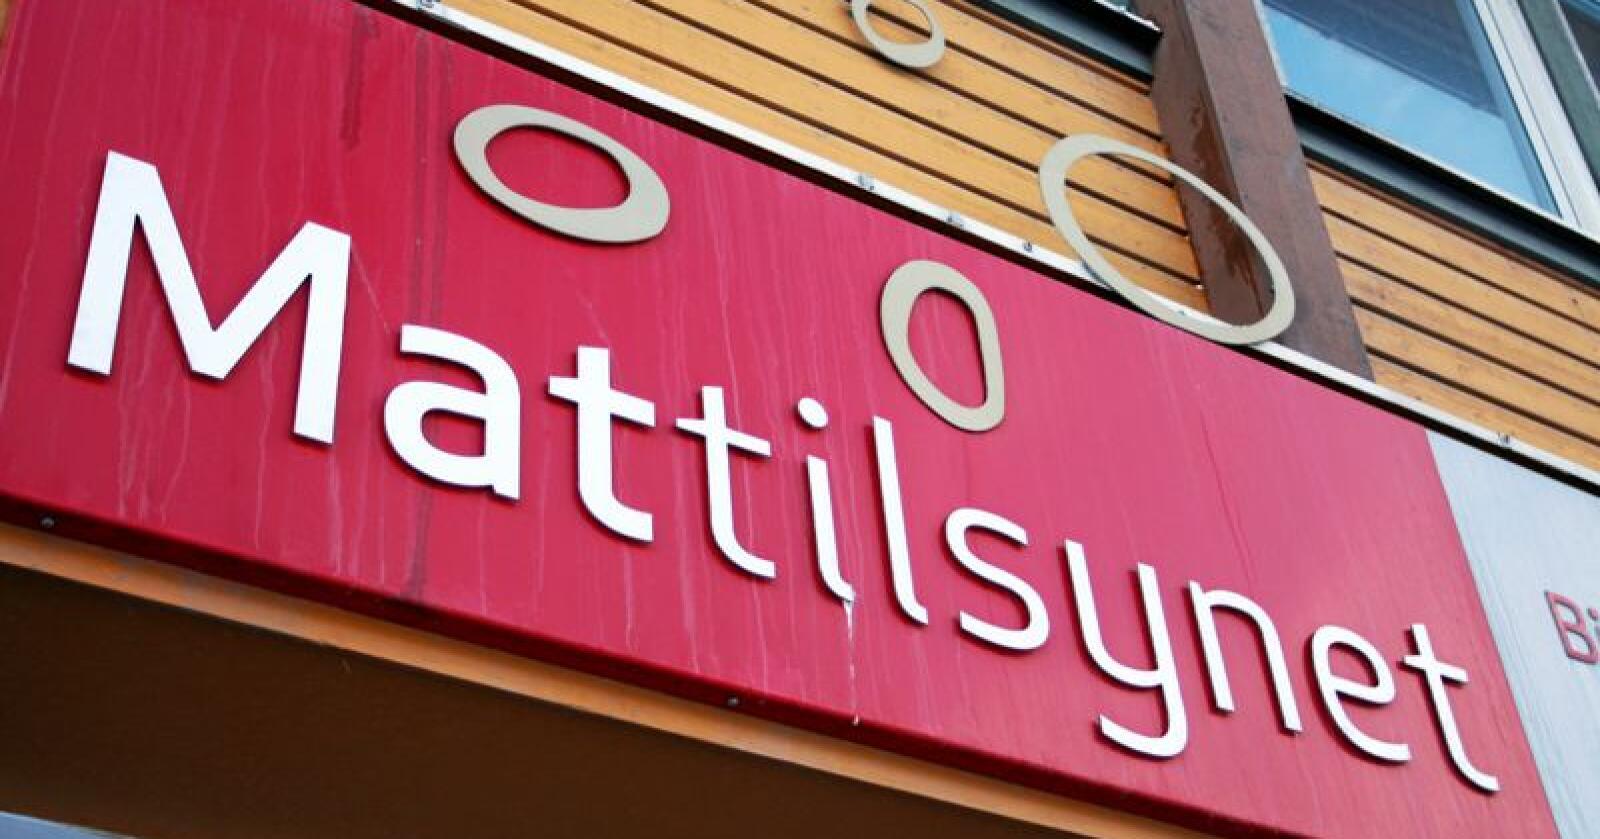 Mattilsynet fant 24 døde dyr da de besøkte en gård i Sunnhordland. Foto: Mostphotos